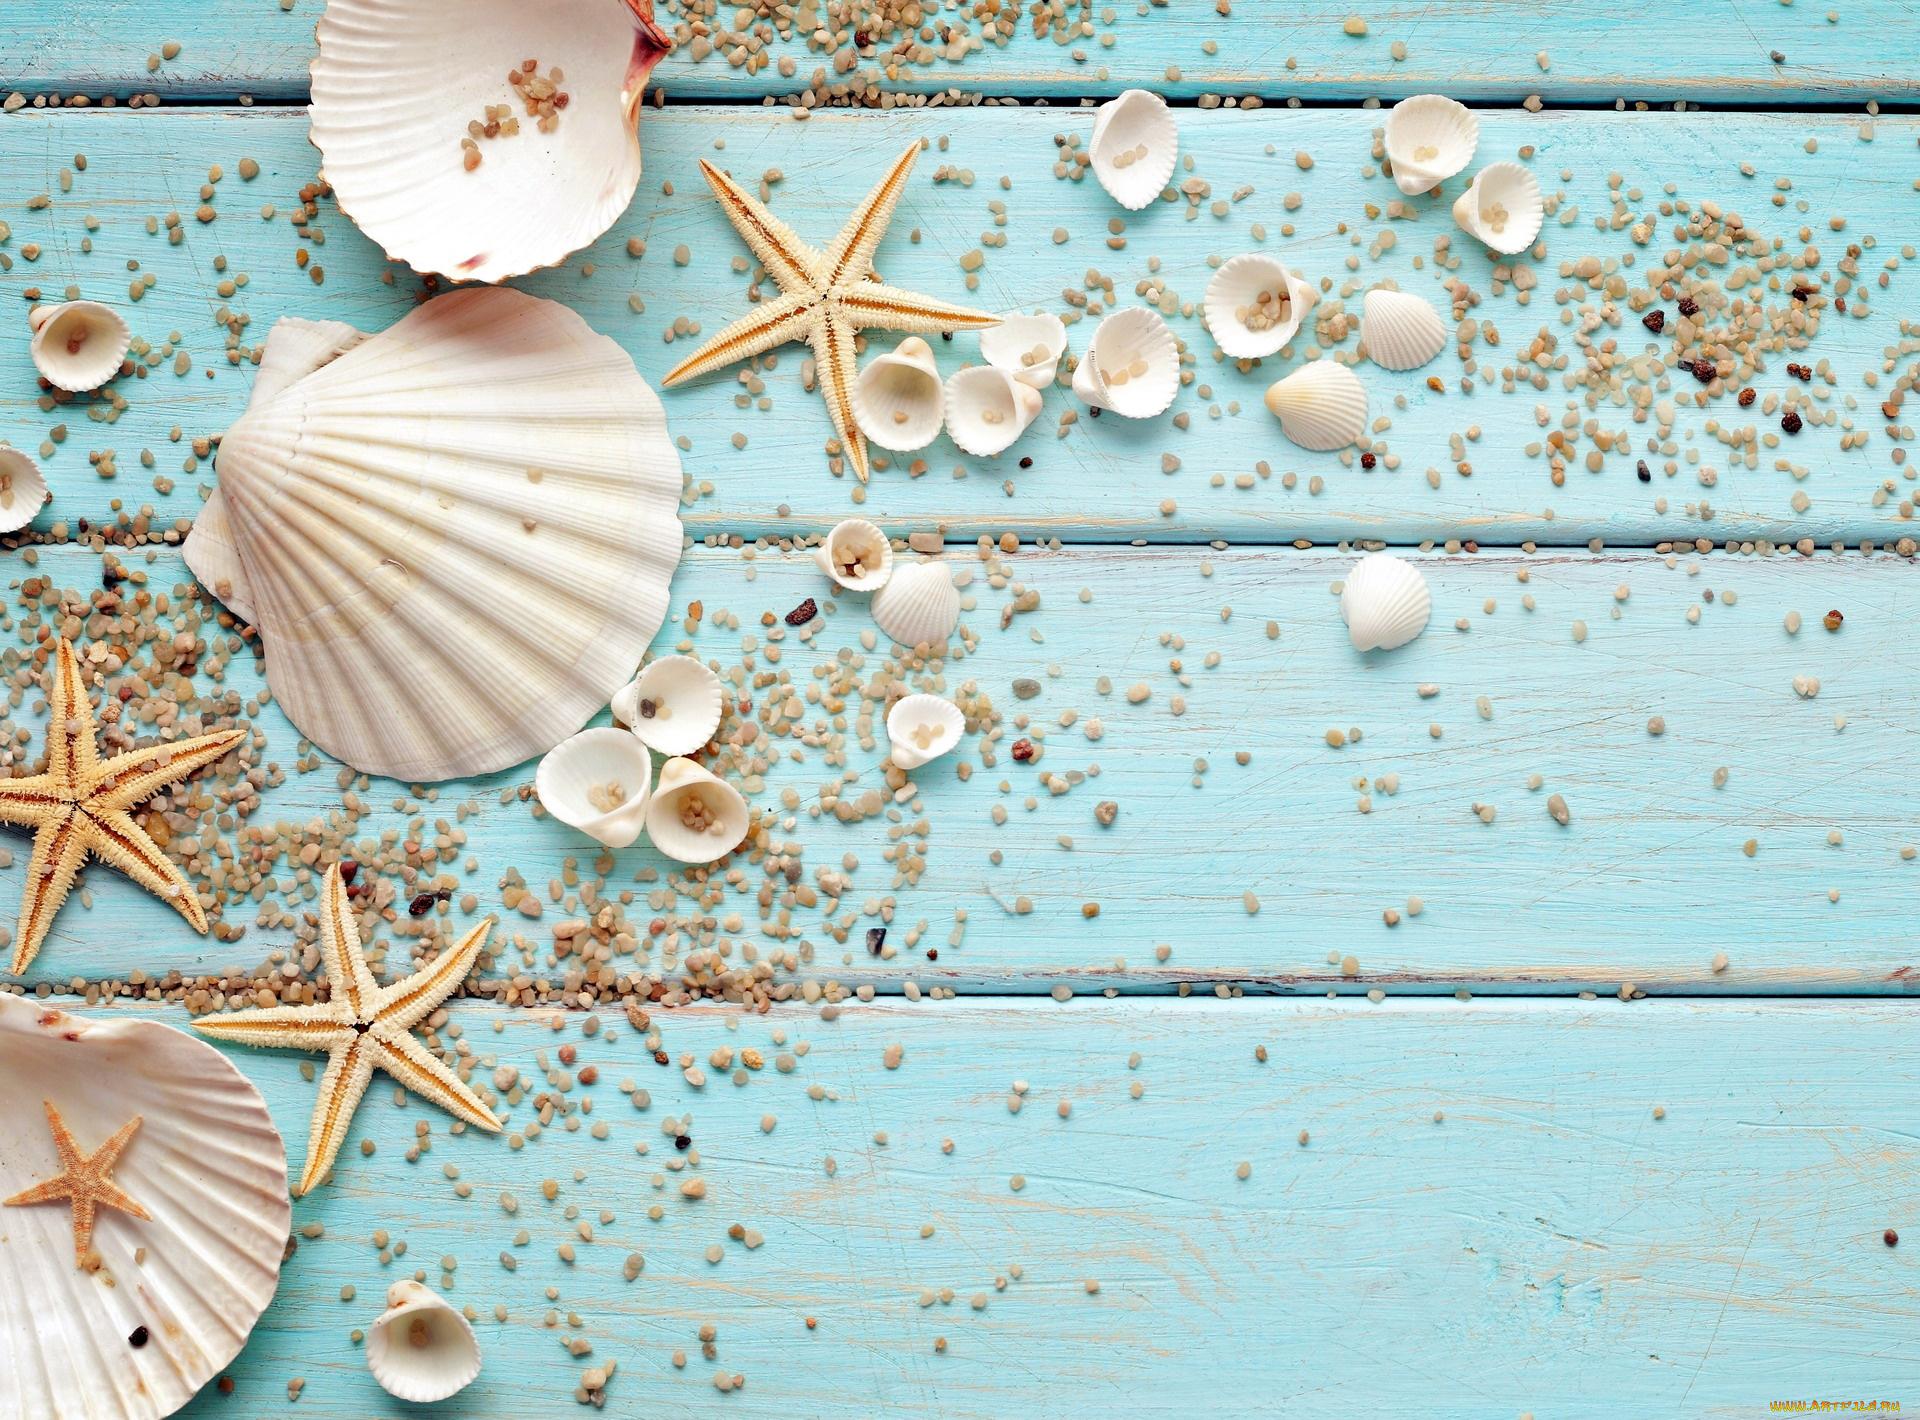 природа украшения морская звезда раковина без смс